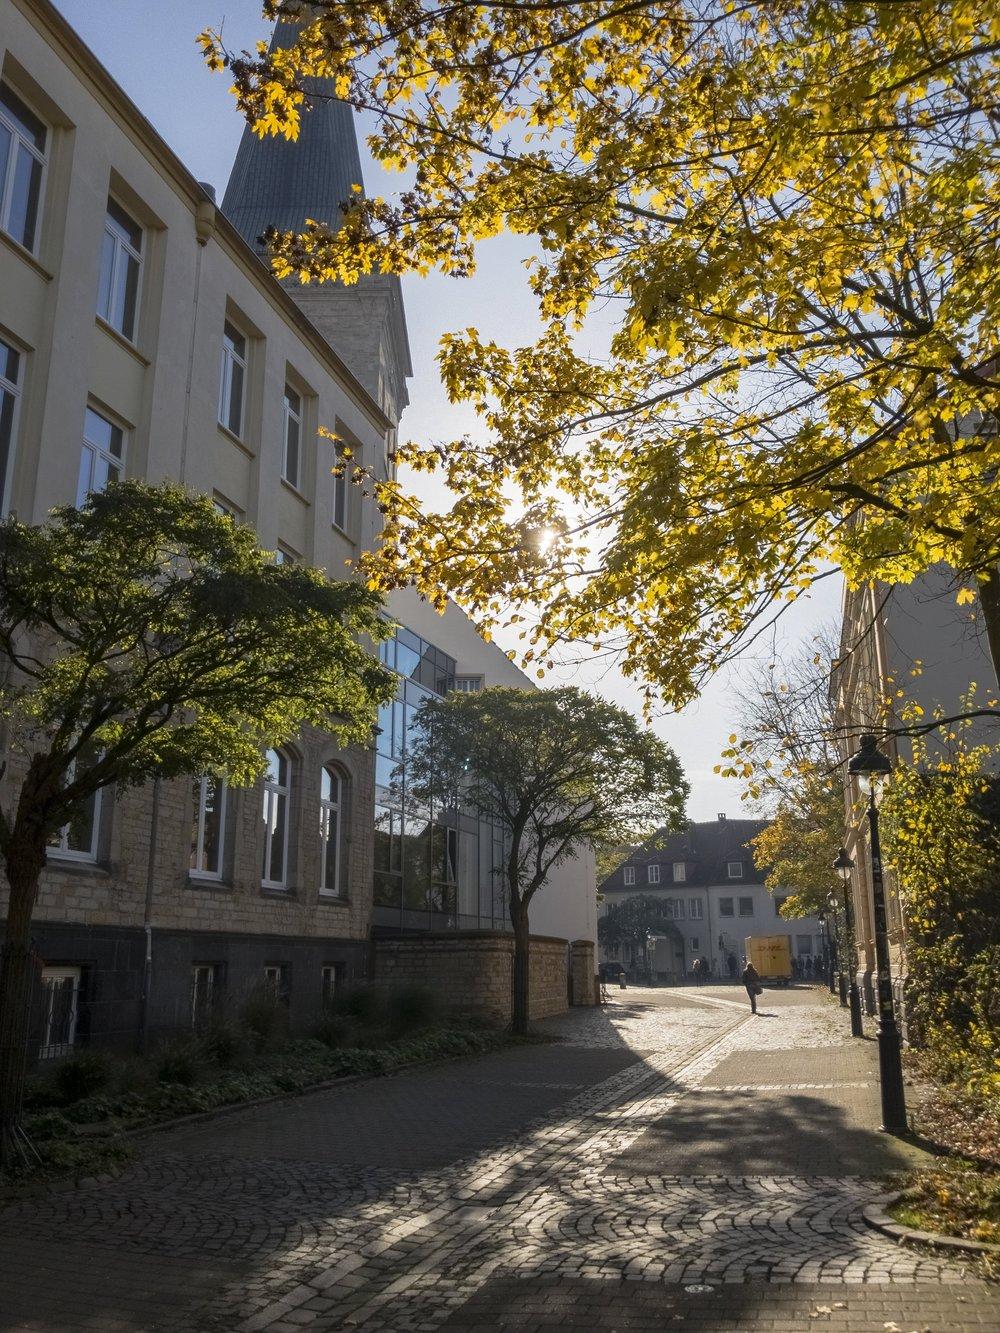 APC_0670-hdr - Herbst ShotoniPhone Autumn Blätter Leaves Sun Sonne Light Threes Licht Bäume Baum Stadt Osnabrück.jpg